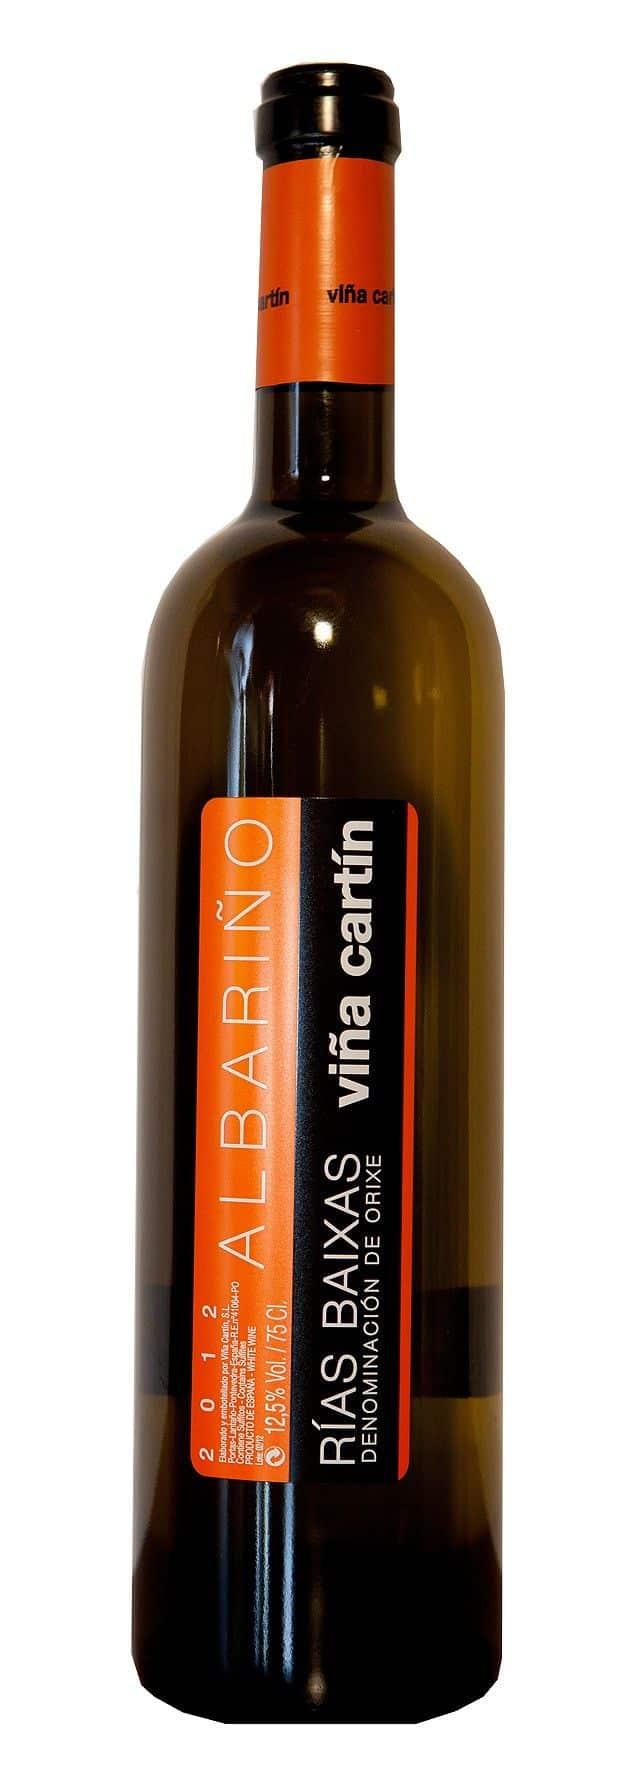 Vina-Cartin-1